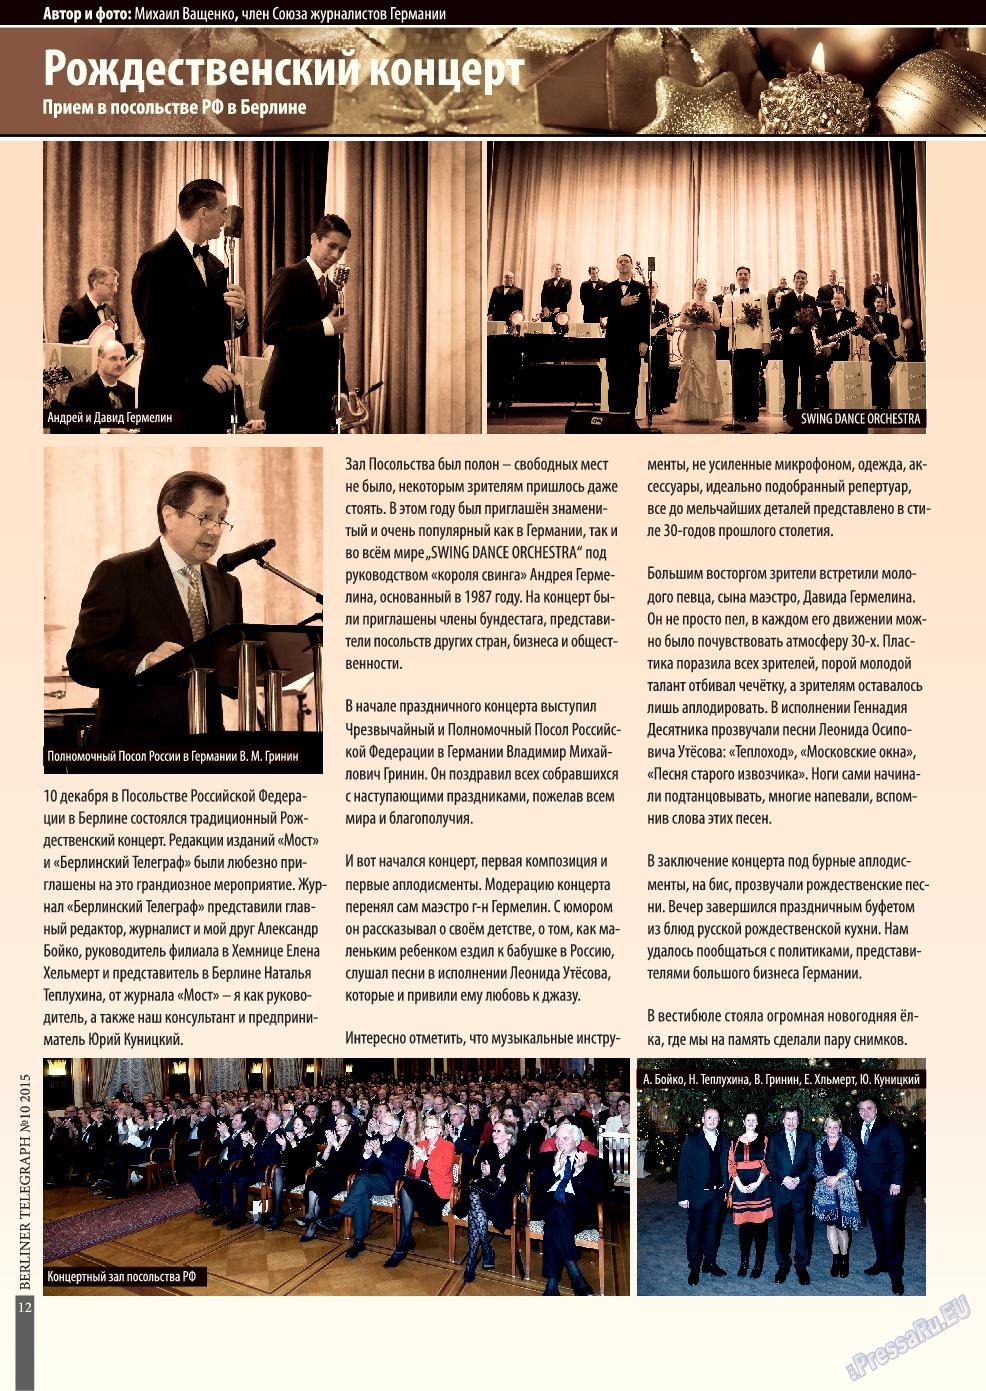 Берлинский телеграф (журнал). 2015 год, номер 11, стр. 12